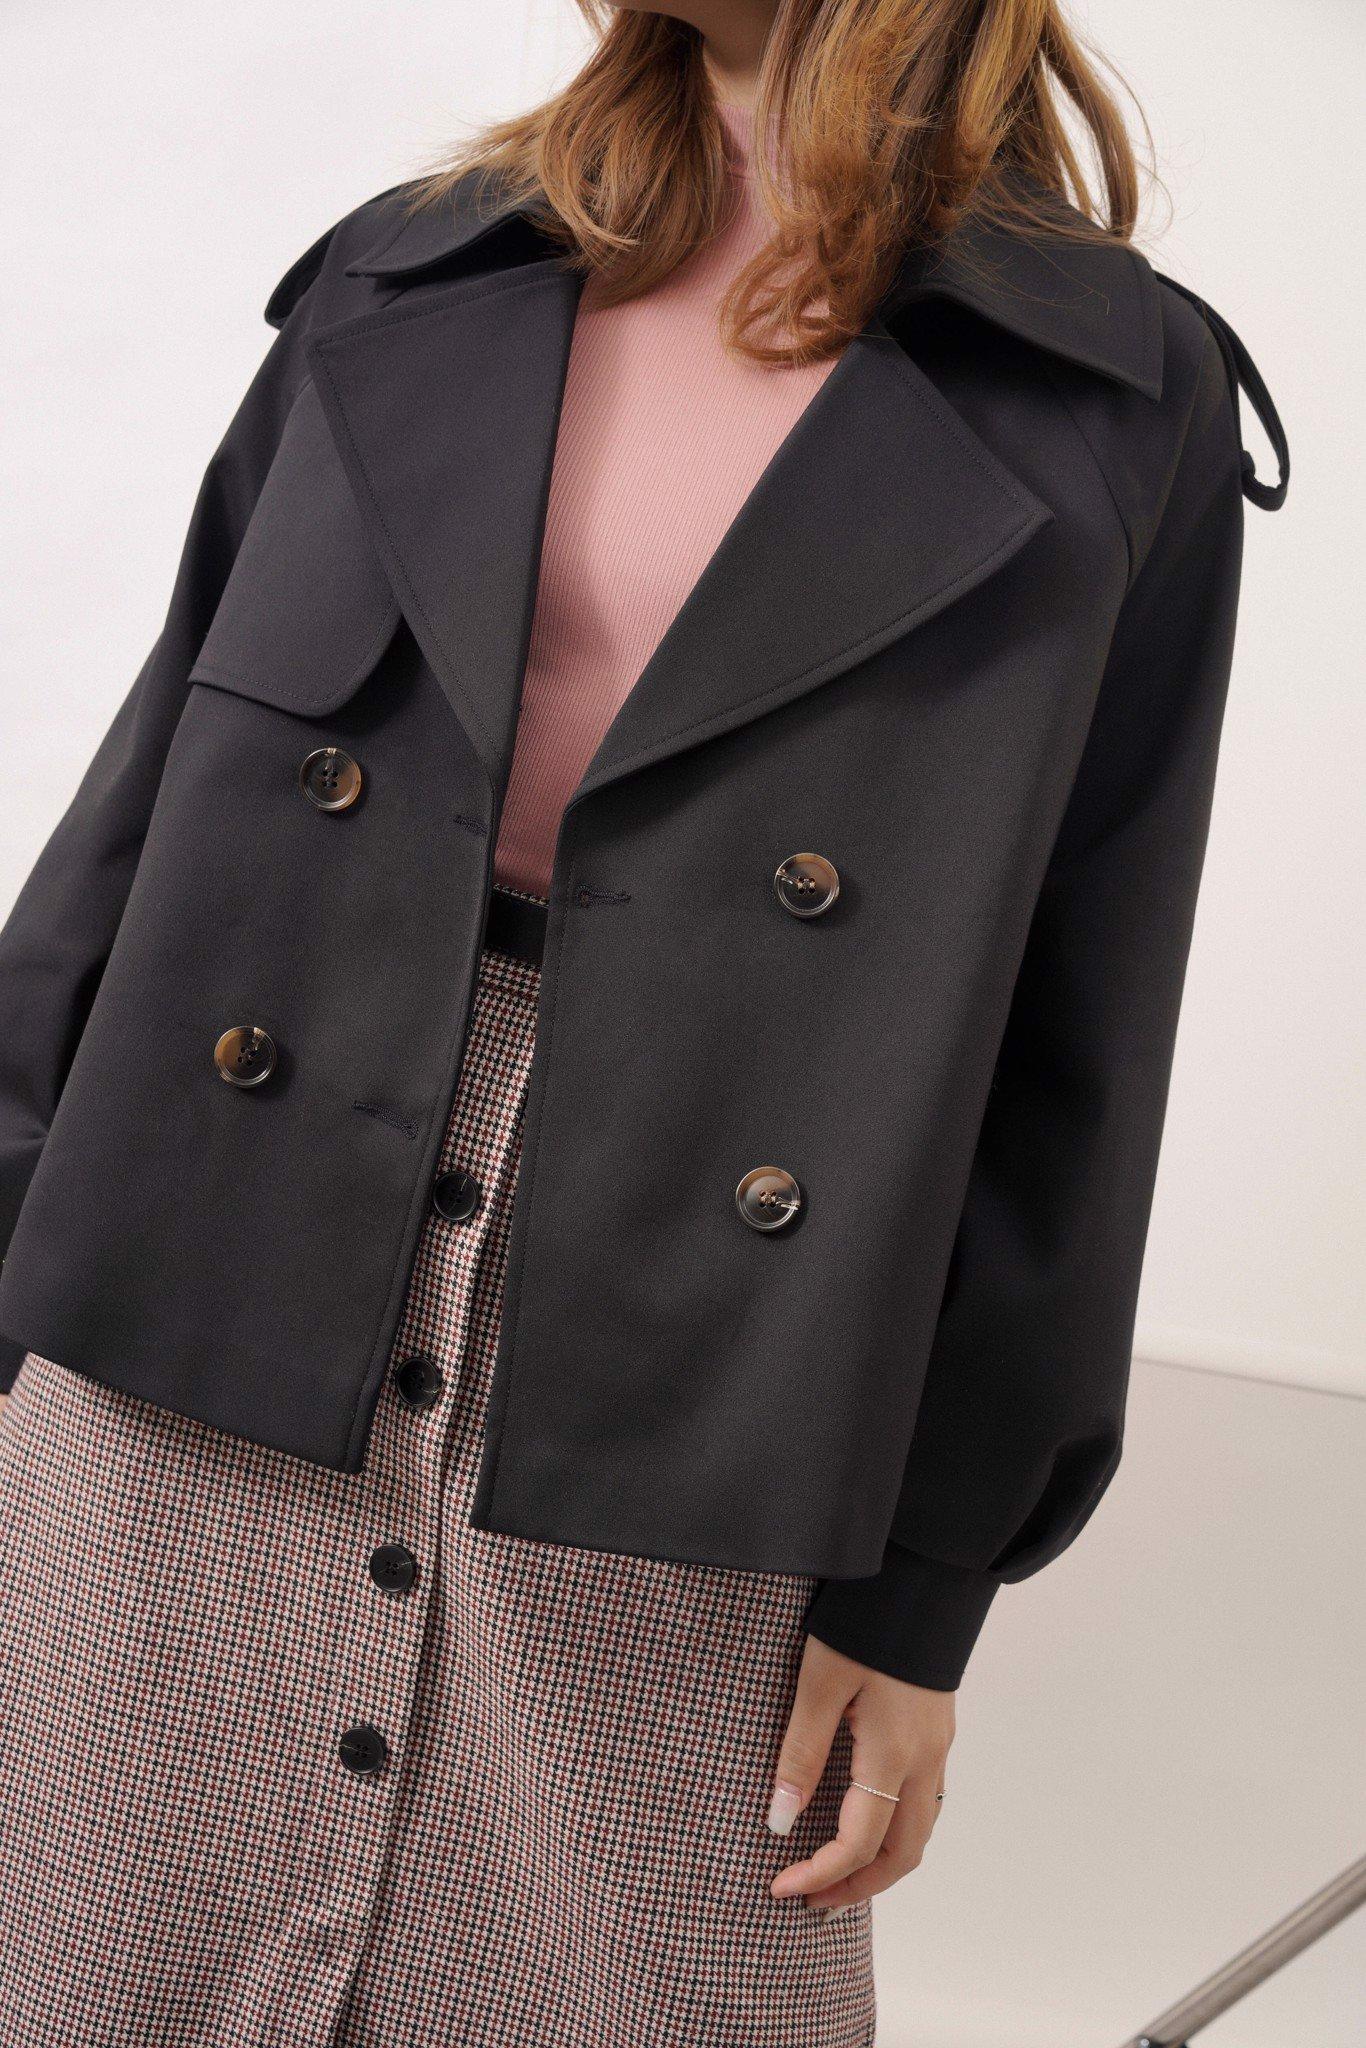 Áo khoác Trench coat ngắn tay raplang 0KH4016 ADORE DRESS